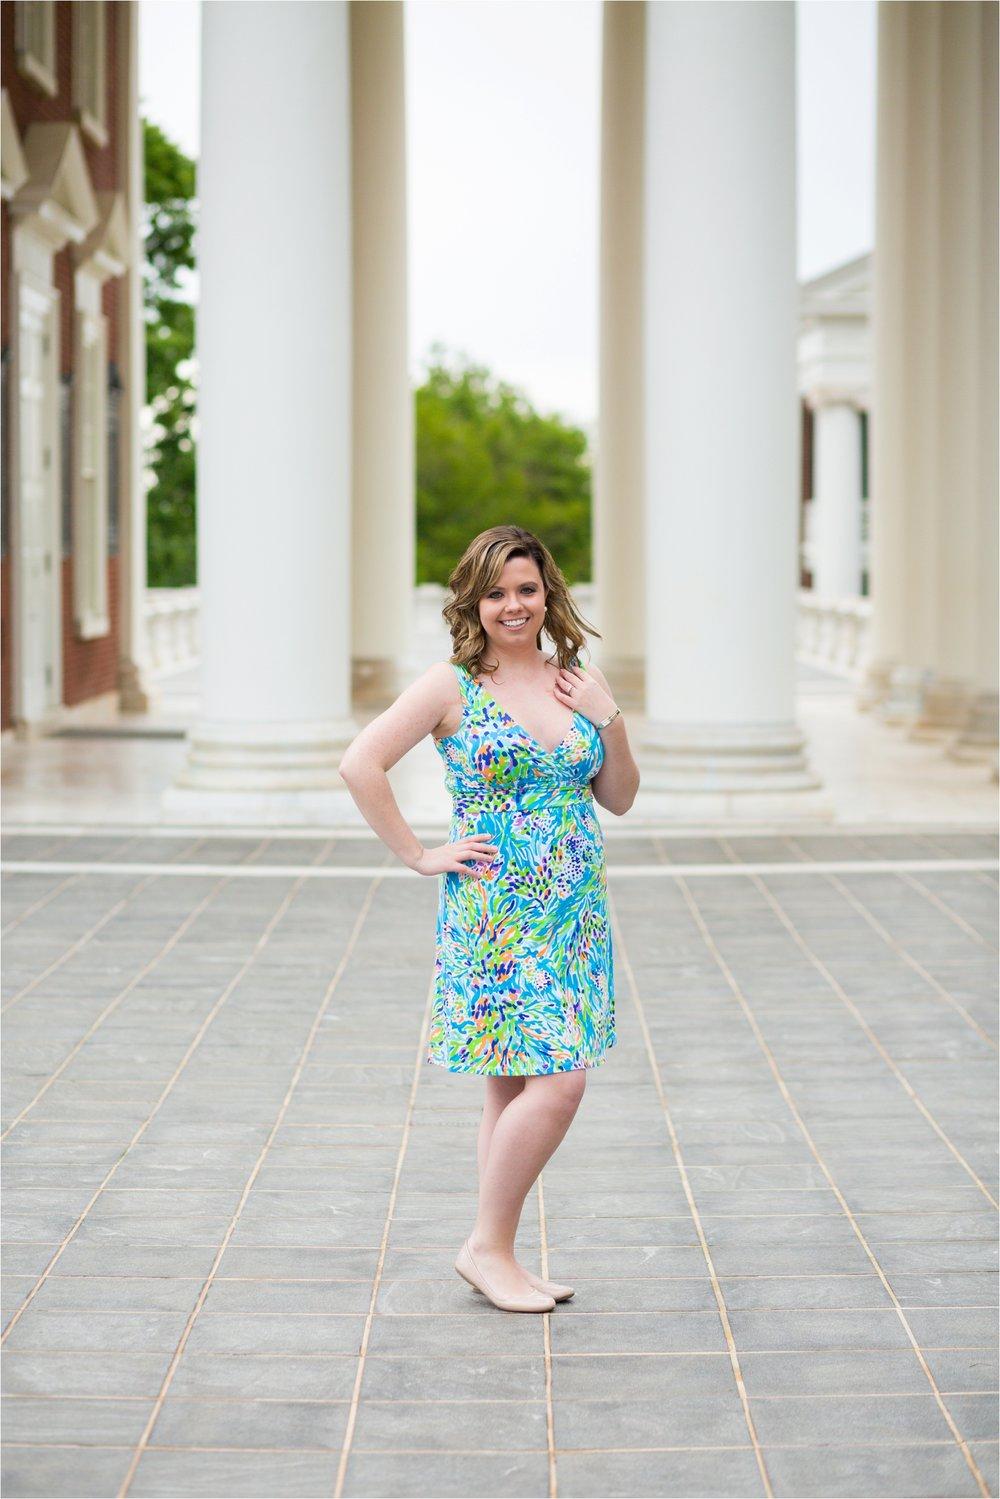 Charlottesville-Virginia-Spring-Engagement-Session-5039.jpg